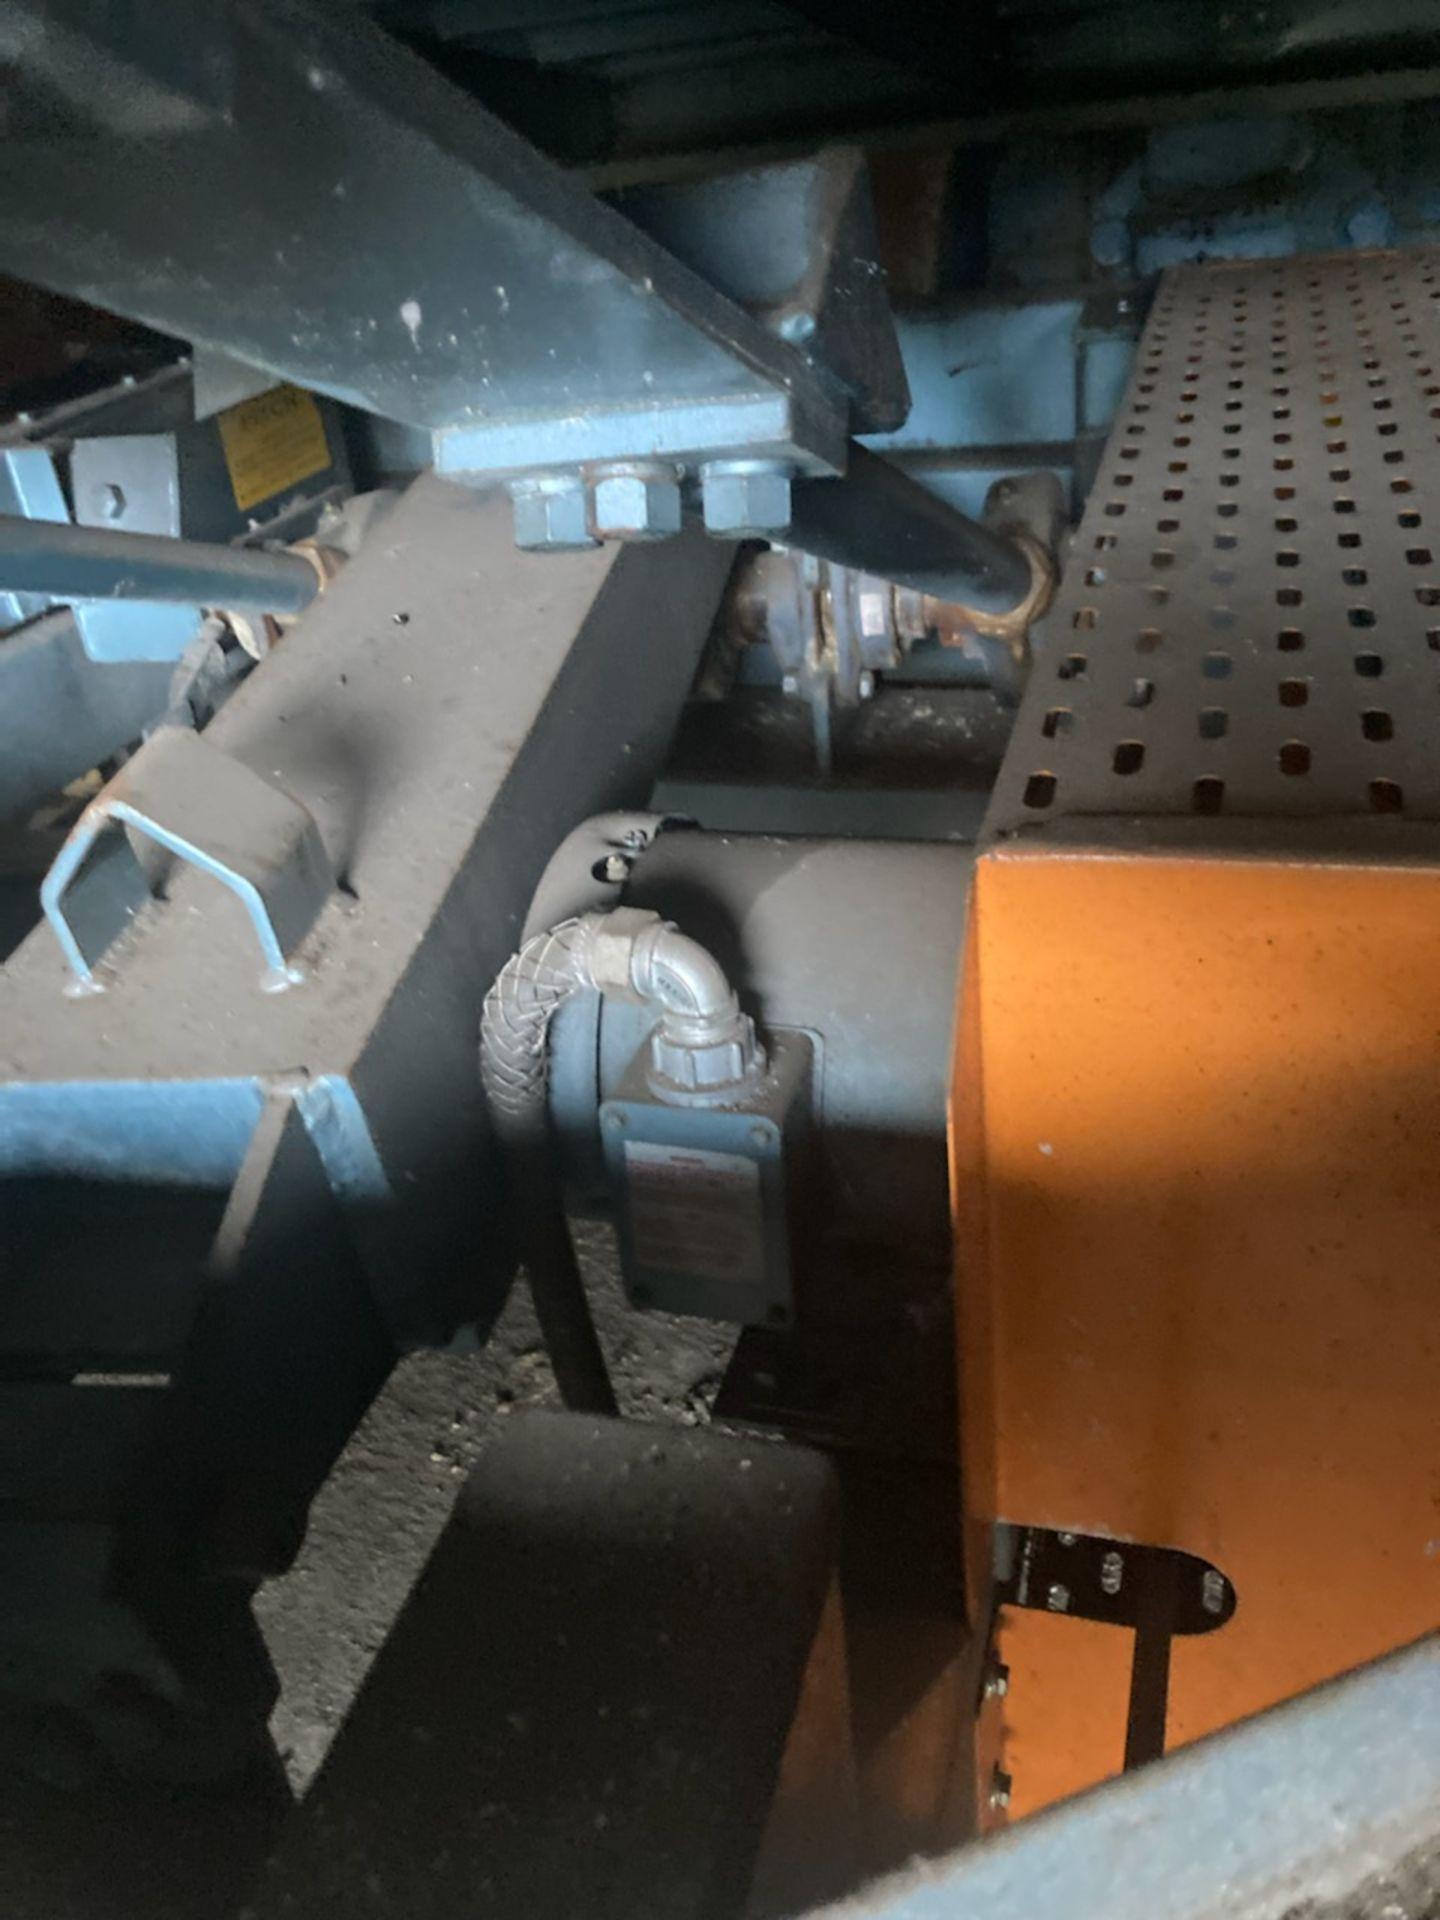 Forsberg Gravity Table 300V RH MODEL - Image 2 of 3